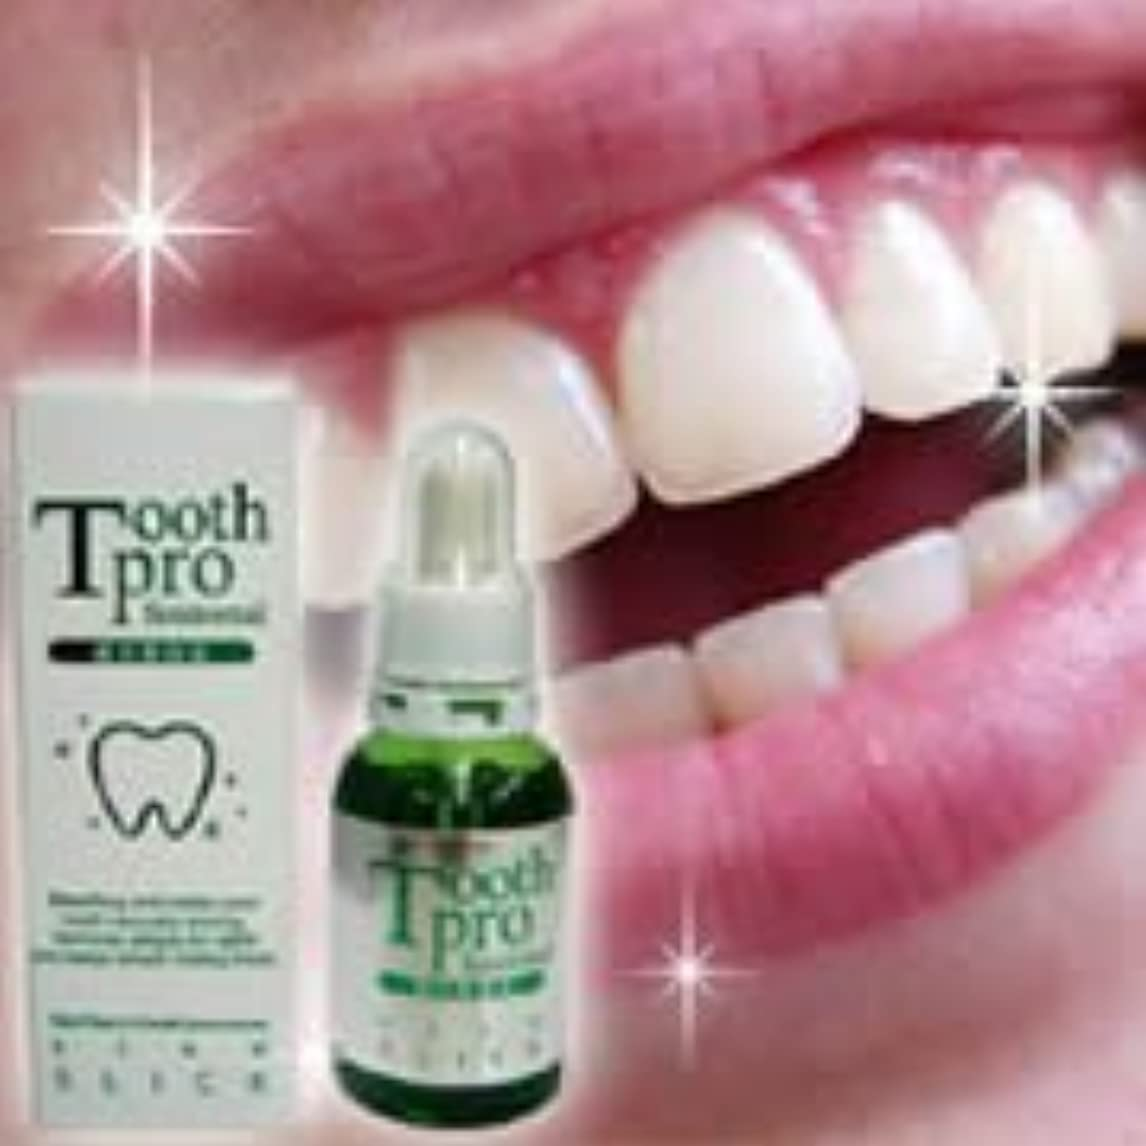 ヨーグルトチャペル統合トゥース プロフェッショナル 20ml ×2個セット (tooth professional)